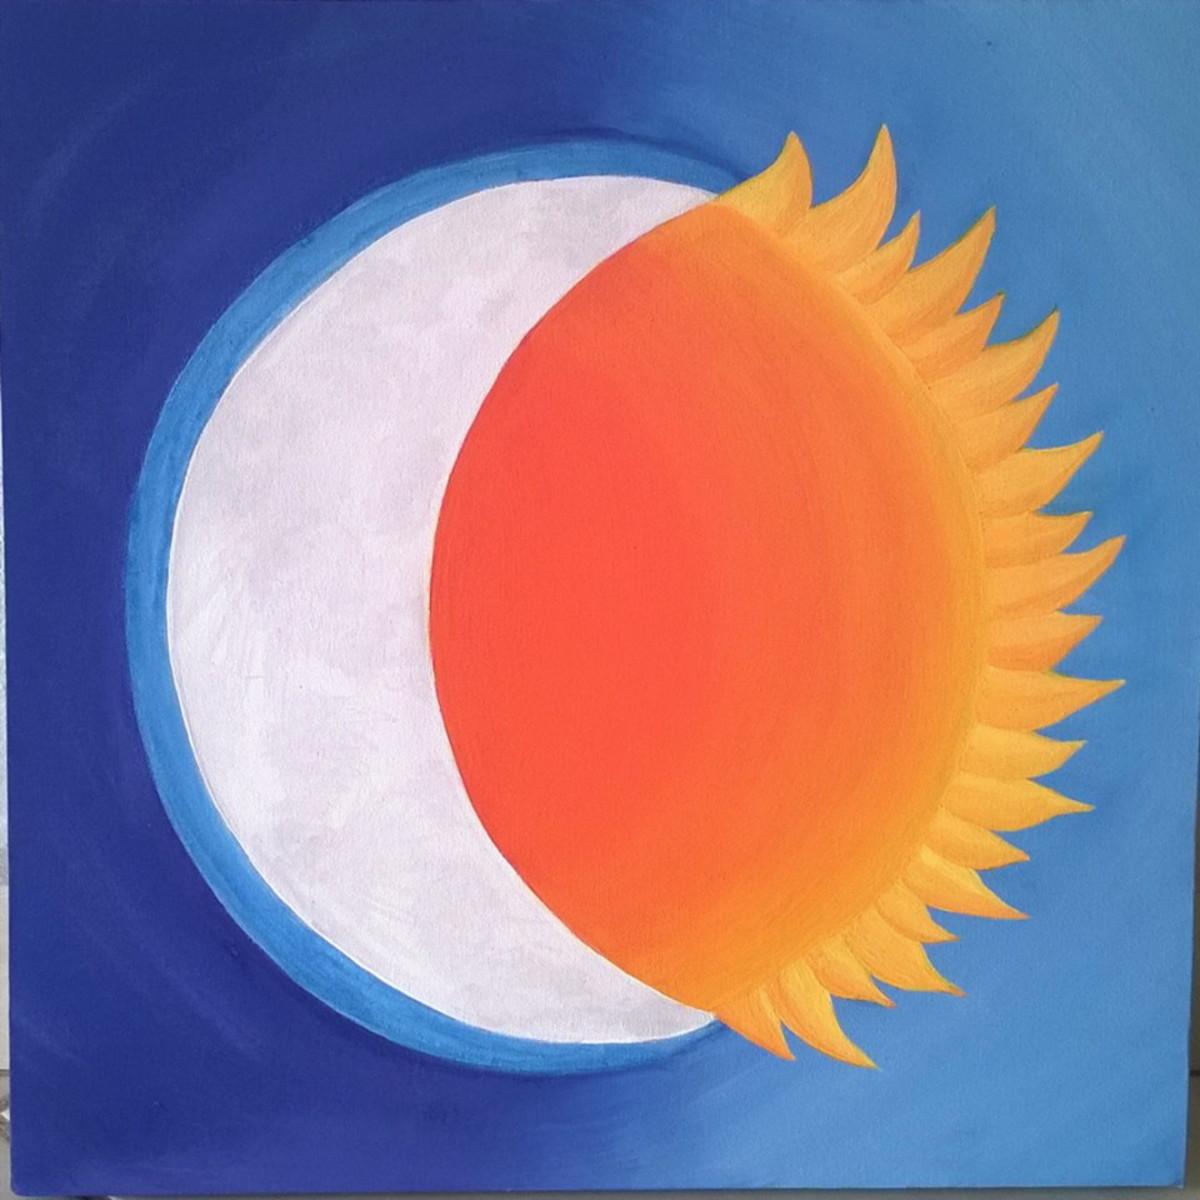 Tela Quadro Sol E Lua Pintura No Elo7 Dany Maos Arteiras 9e8233